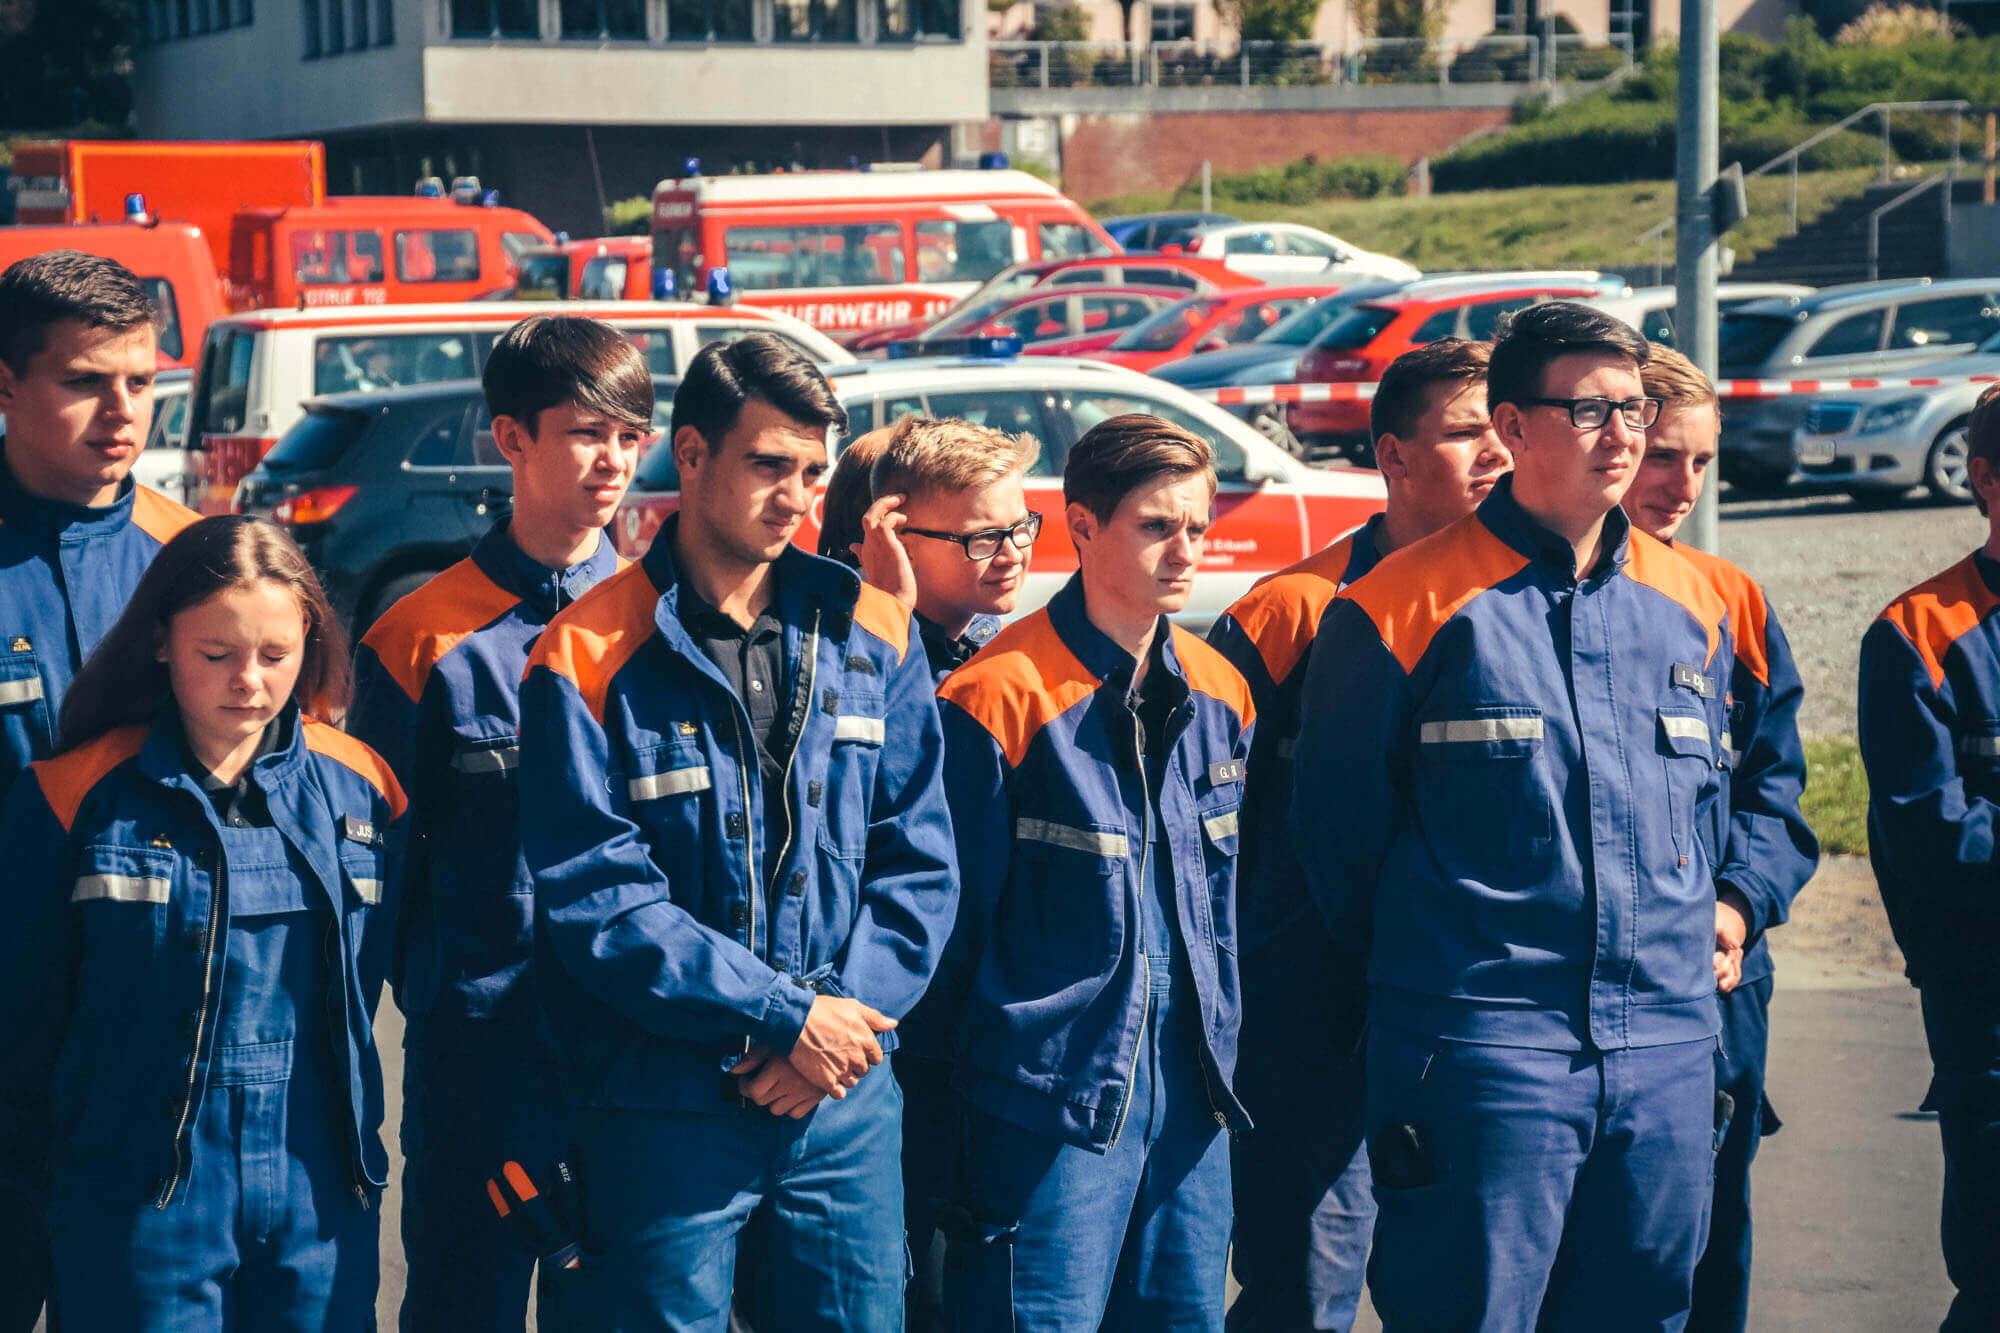 Jugendfeuerwehr Koenigstaedten Leistungsspange 7